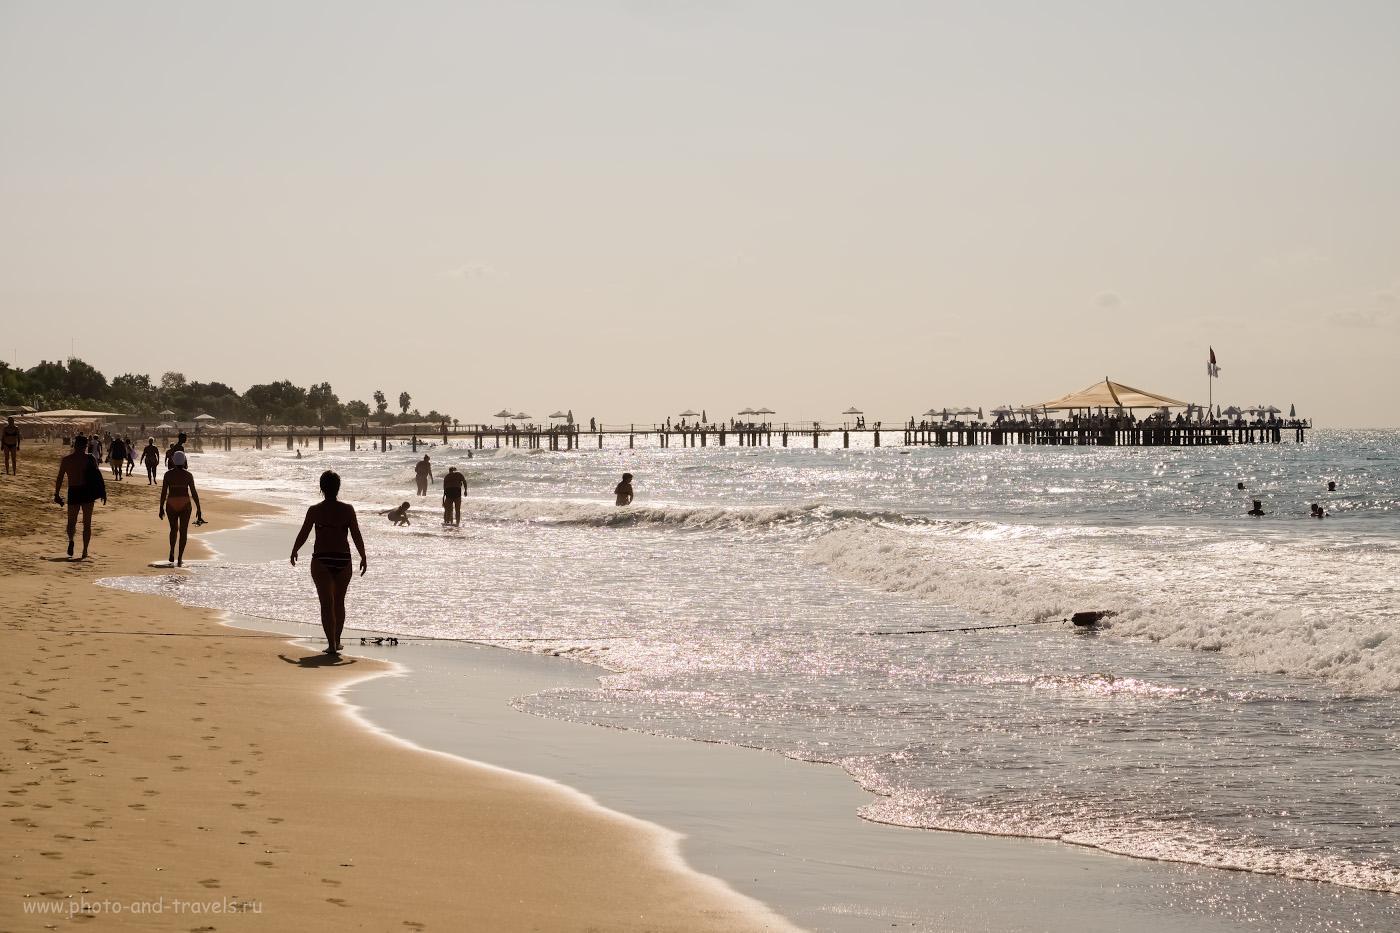 12. Отдыхающие на Восточном пляже Сиде. Отзывы самостоятельных туристов. 1/2700, 8.0, 200, -0.33, 55.